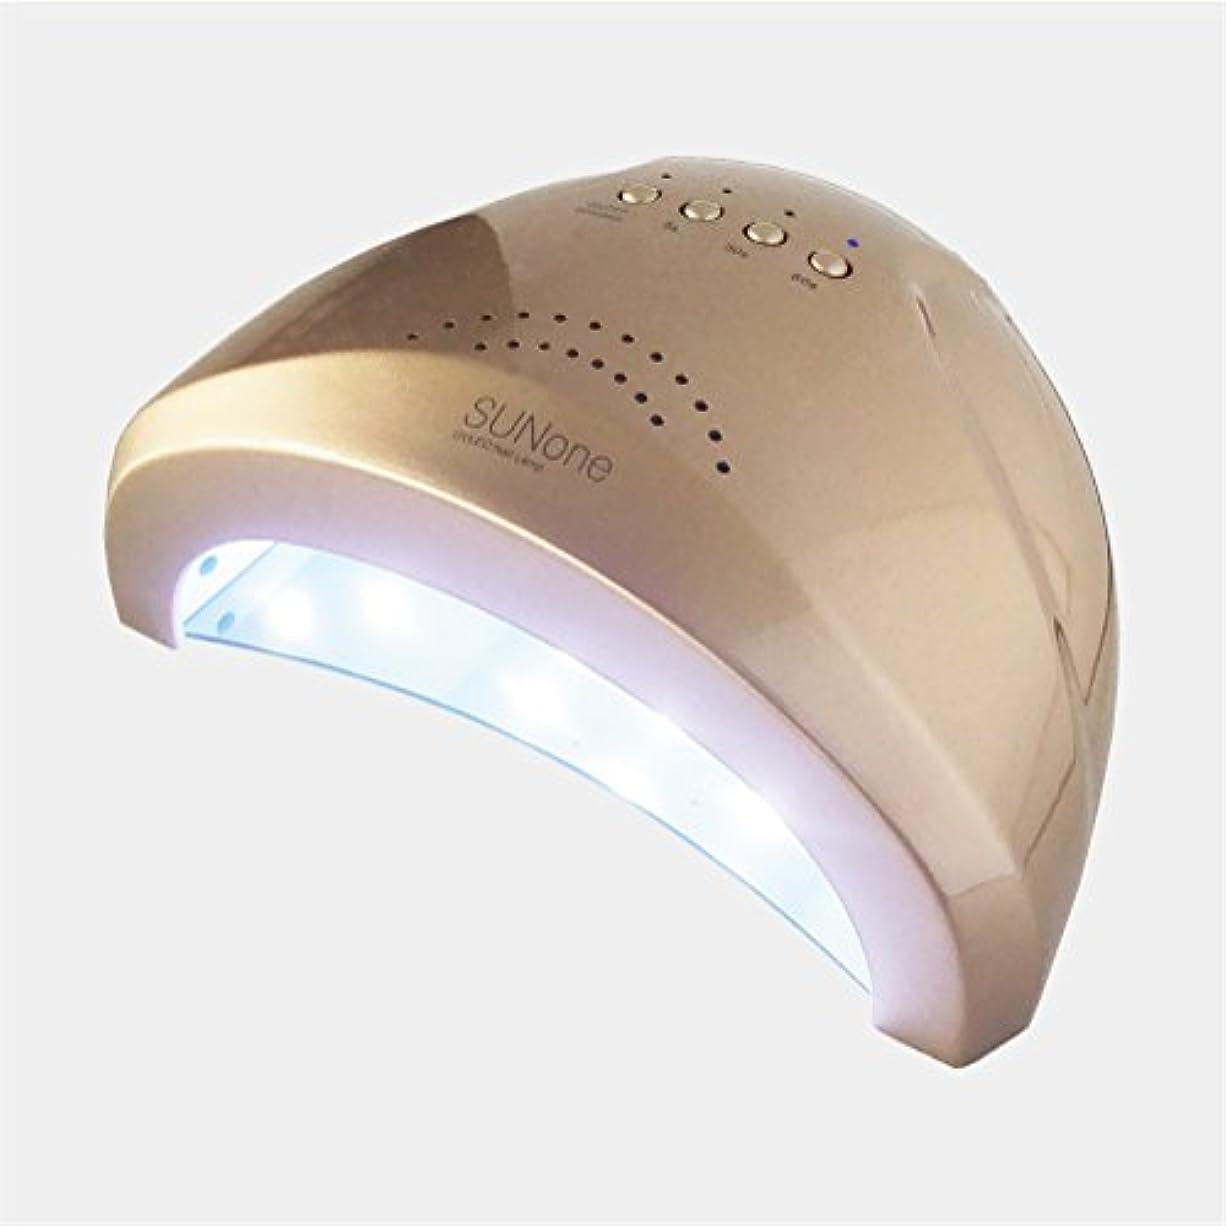 等価命題留まるジェルネイル?クラフトレジン 48w UV/LEDライト 2in1 人感センサー付き ネイルドライヤー UV/LED兼用ライト 【保証付き】 カラー:ゴールド